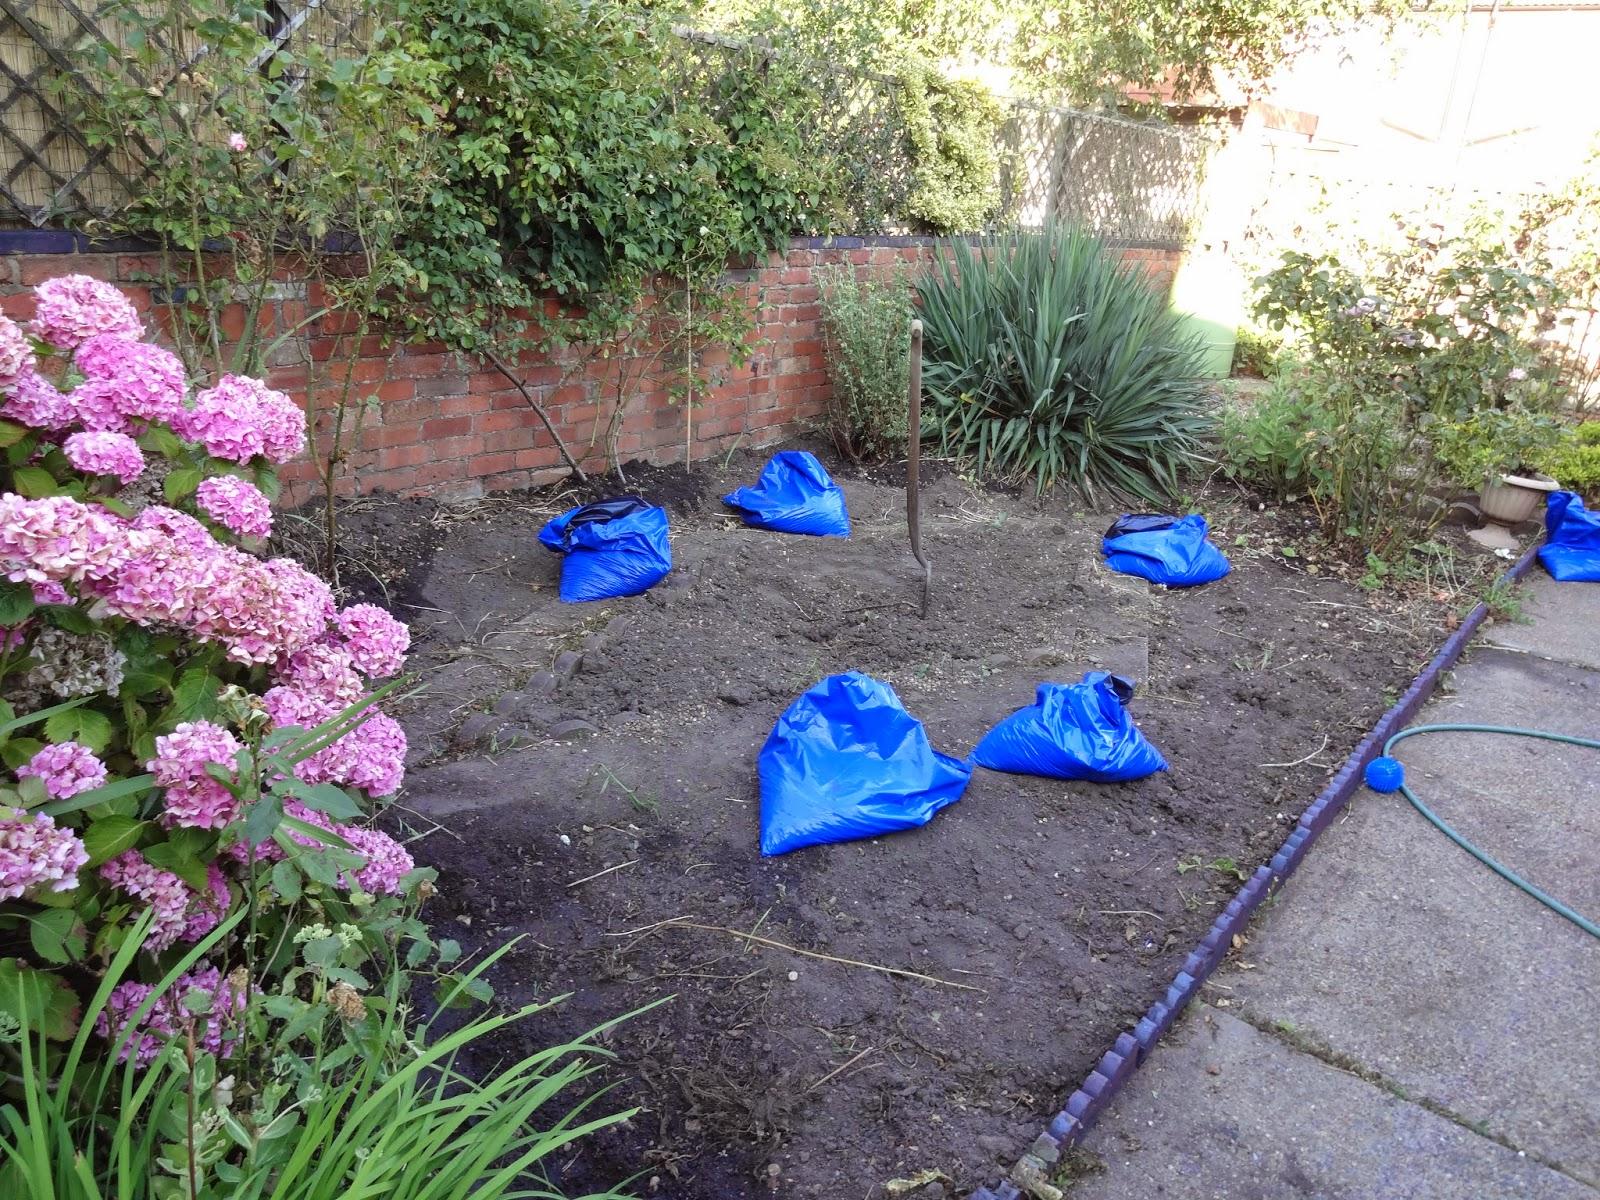 garden renovation progress